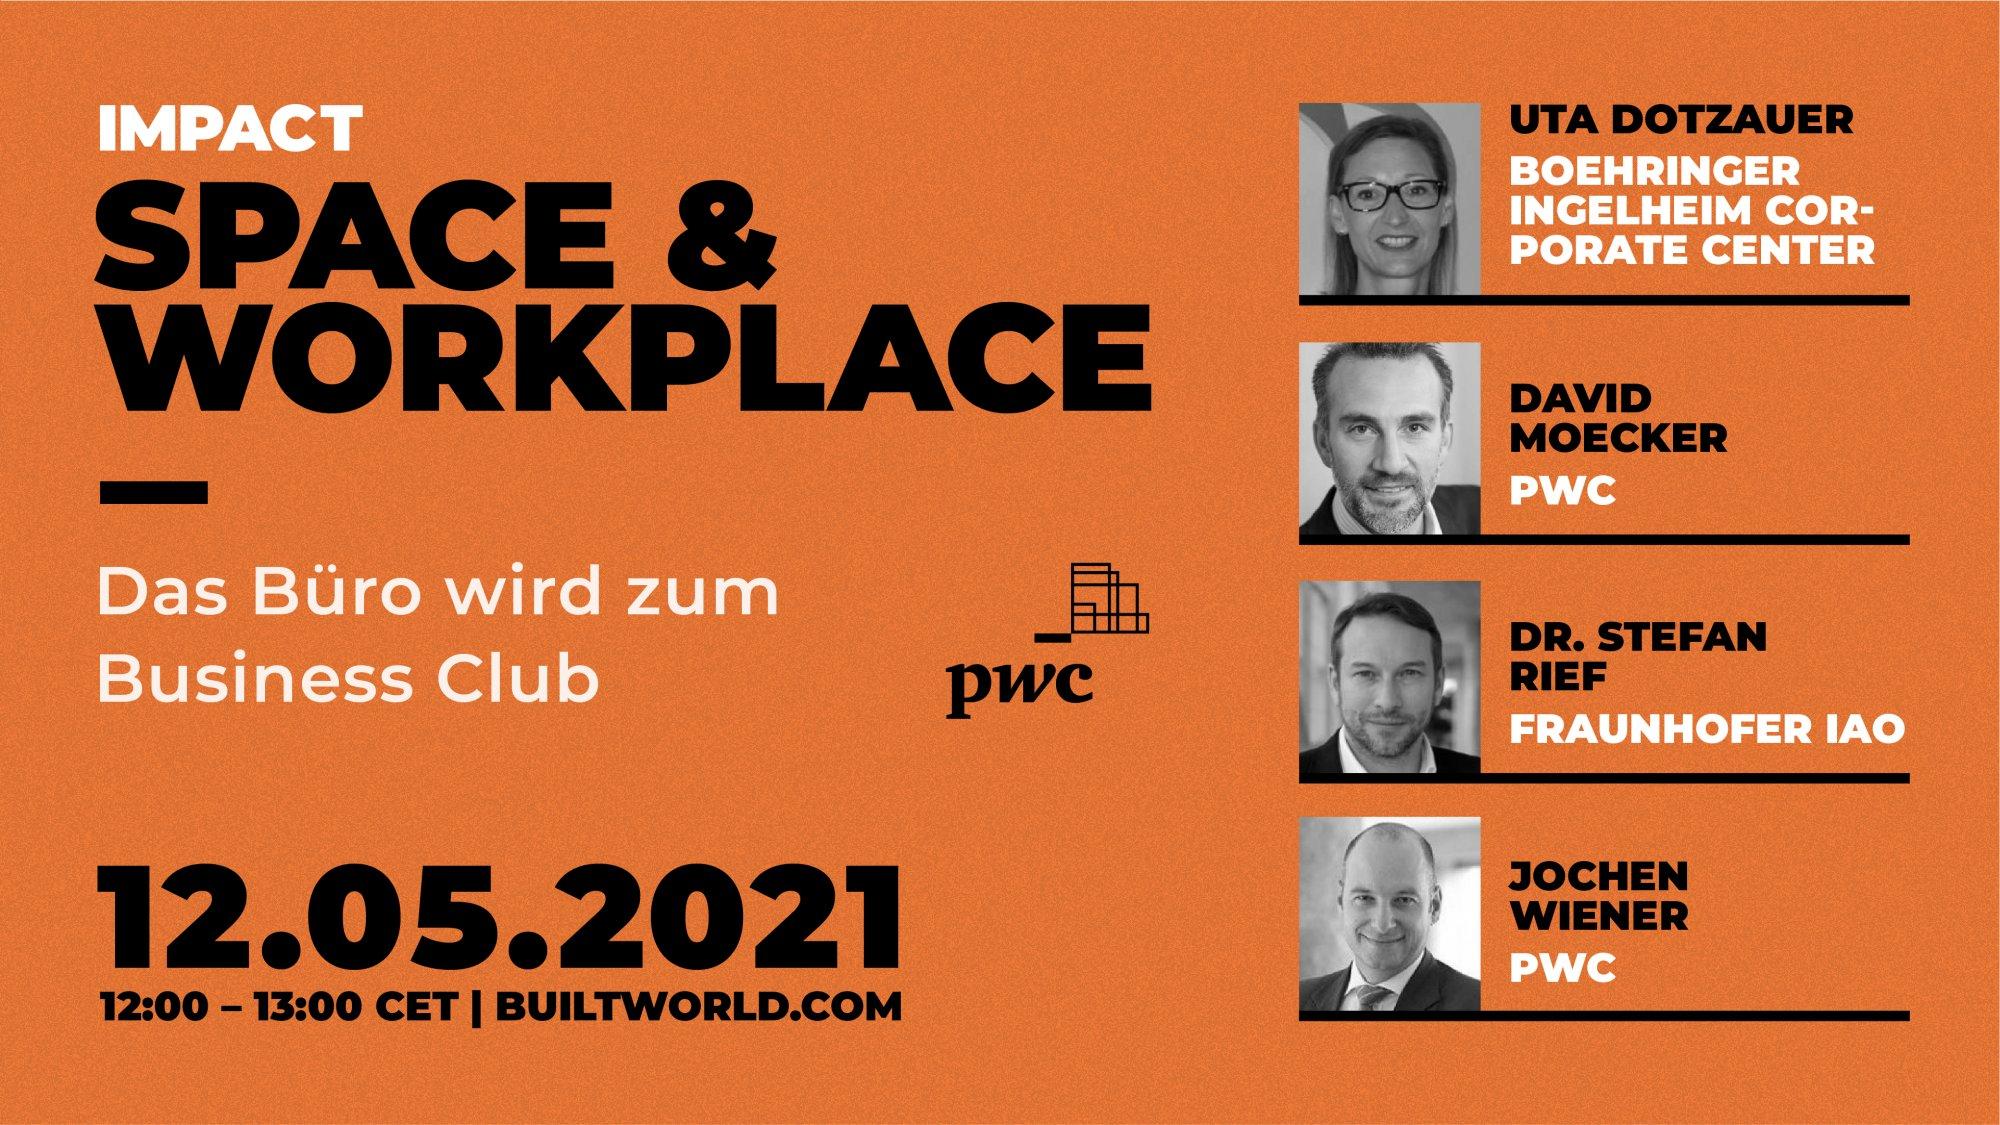 spaces-workplace-das-buero-wird-zum-business-club